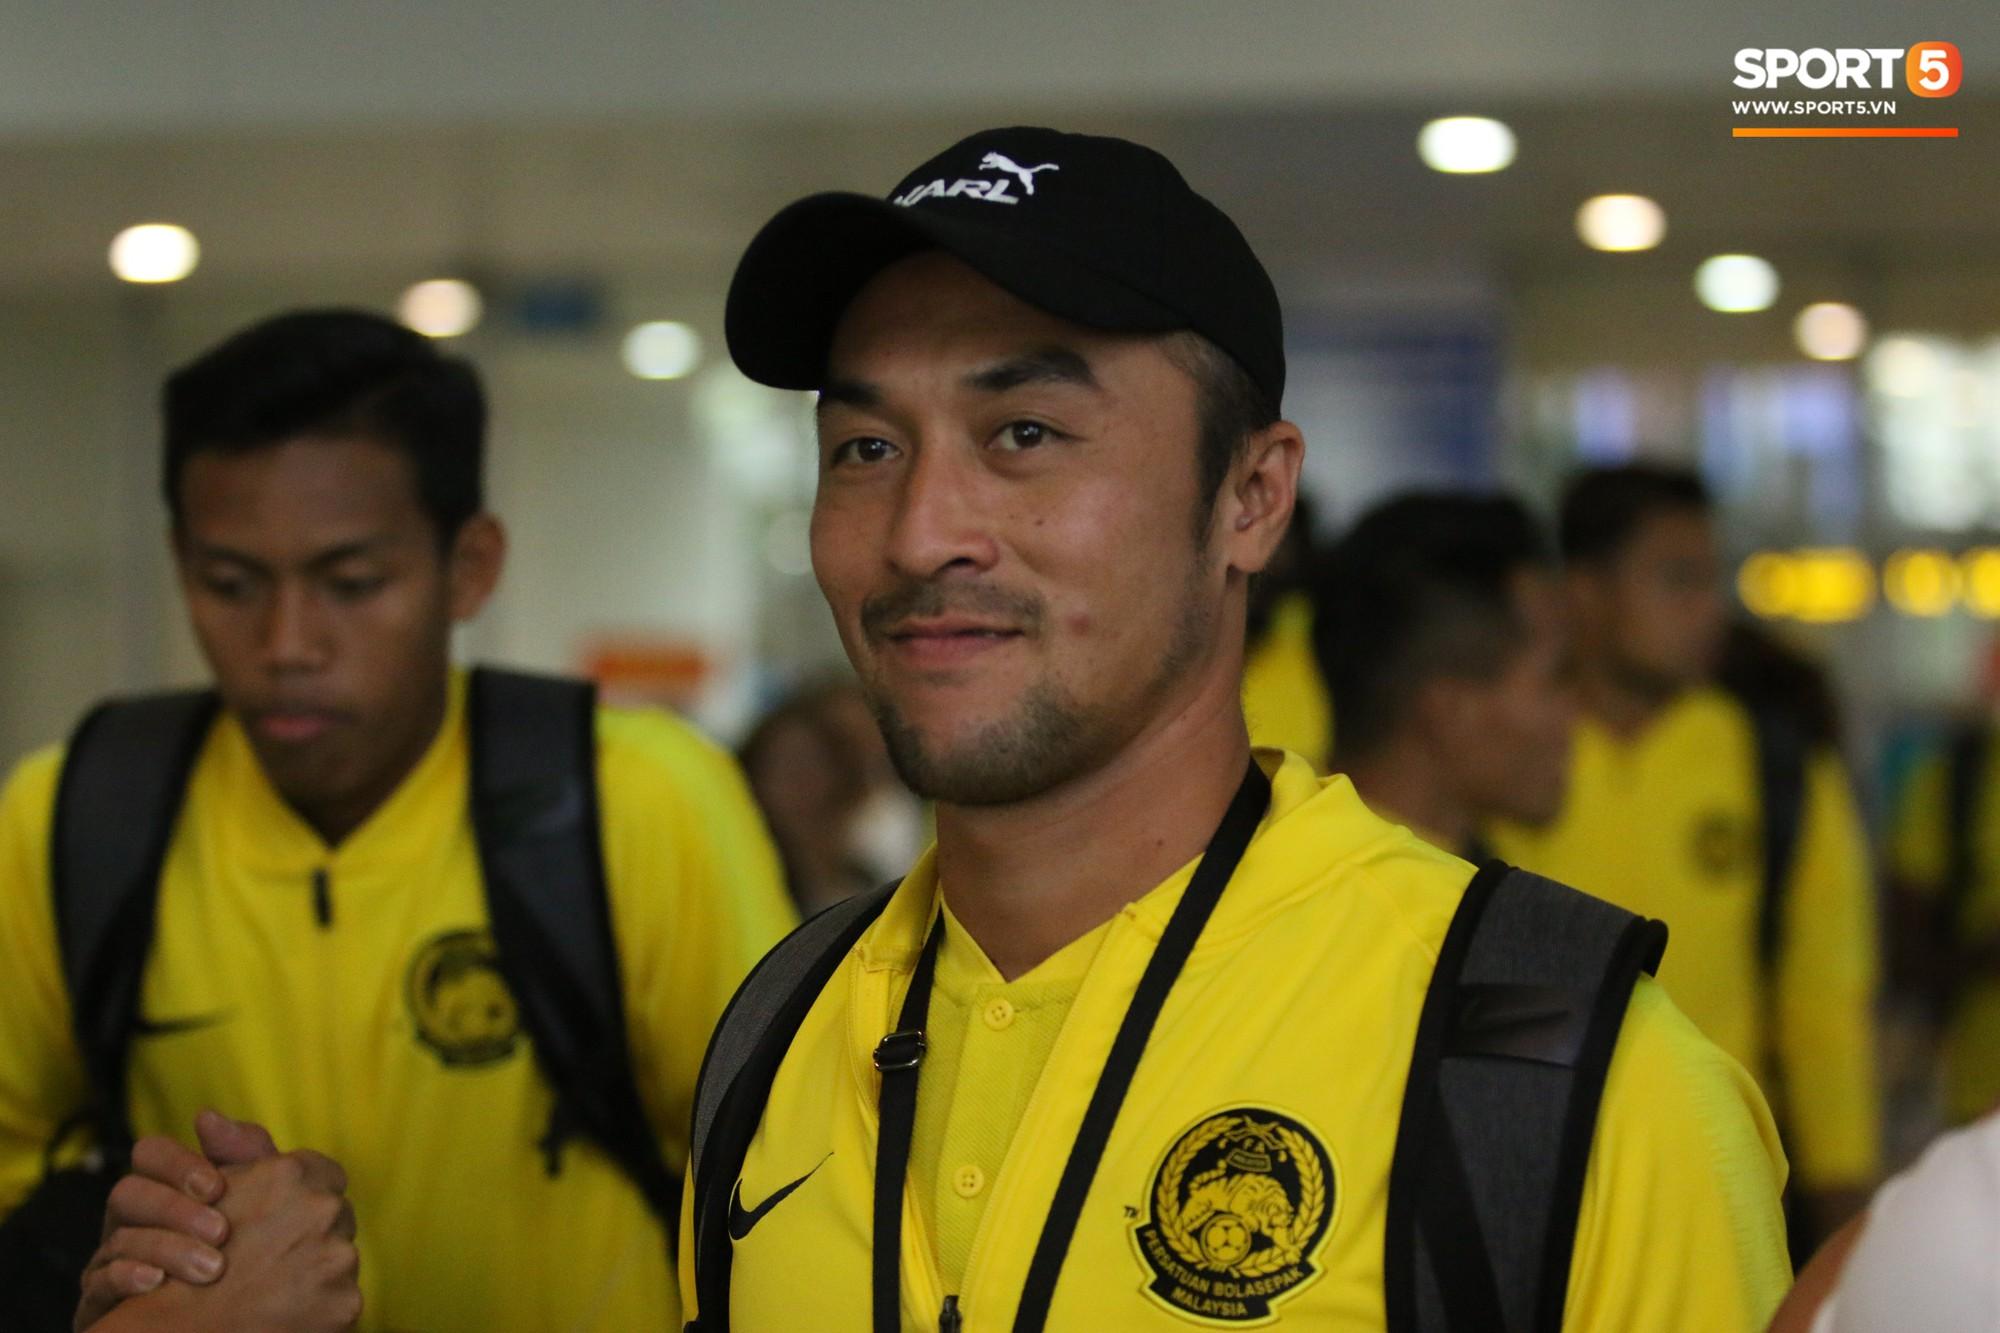 Đội tuyển Malaysia gặp sự cố ngay khi vừa đặt chân đến Việt Nam - Ảnh 6.